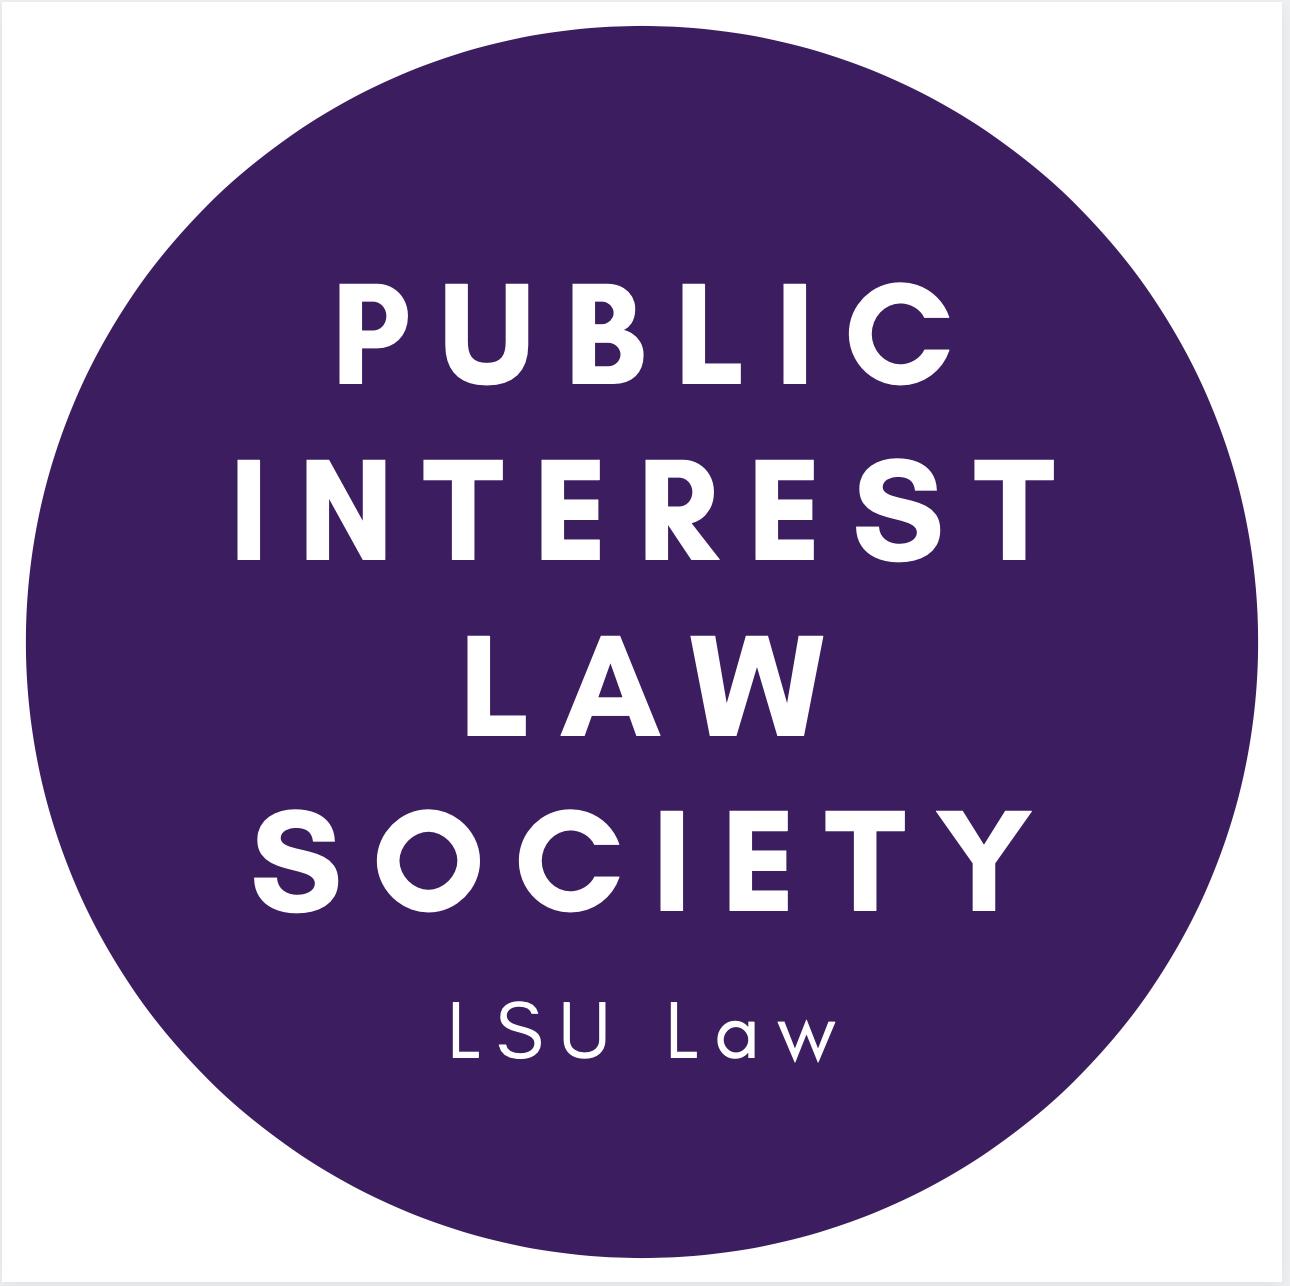 LSU LAW PUBLIC INTEREST LAW SOCIETY